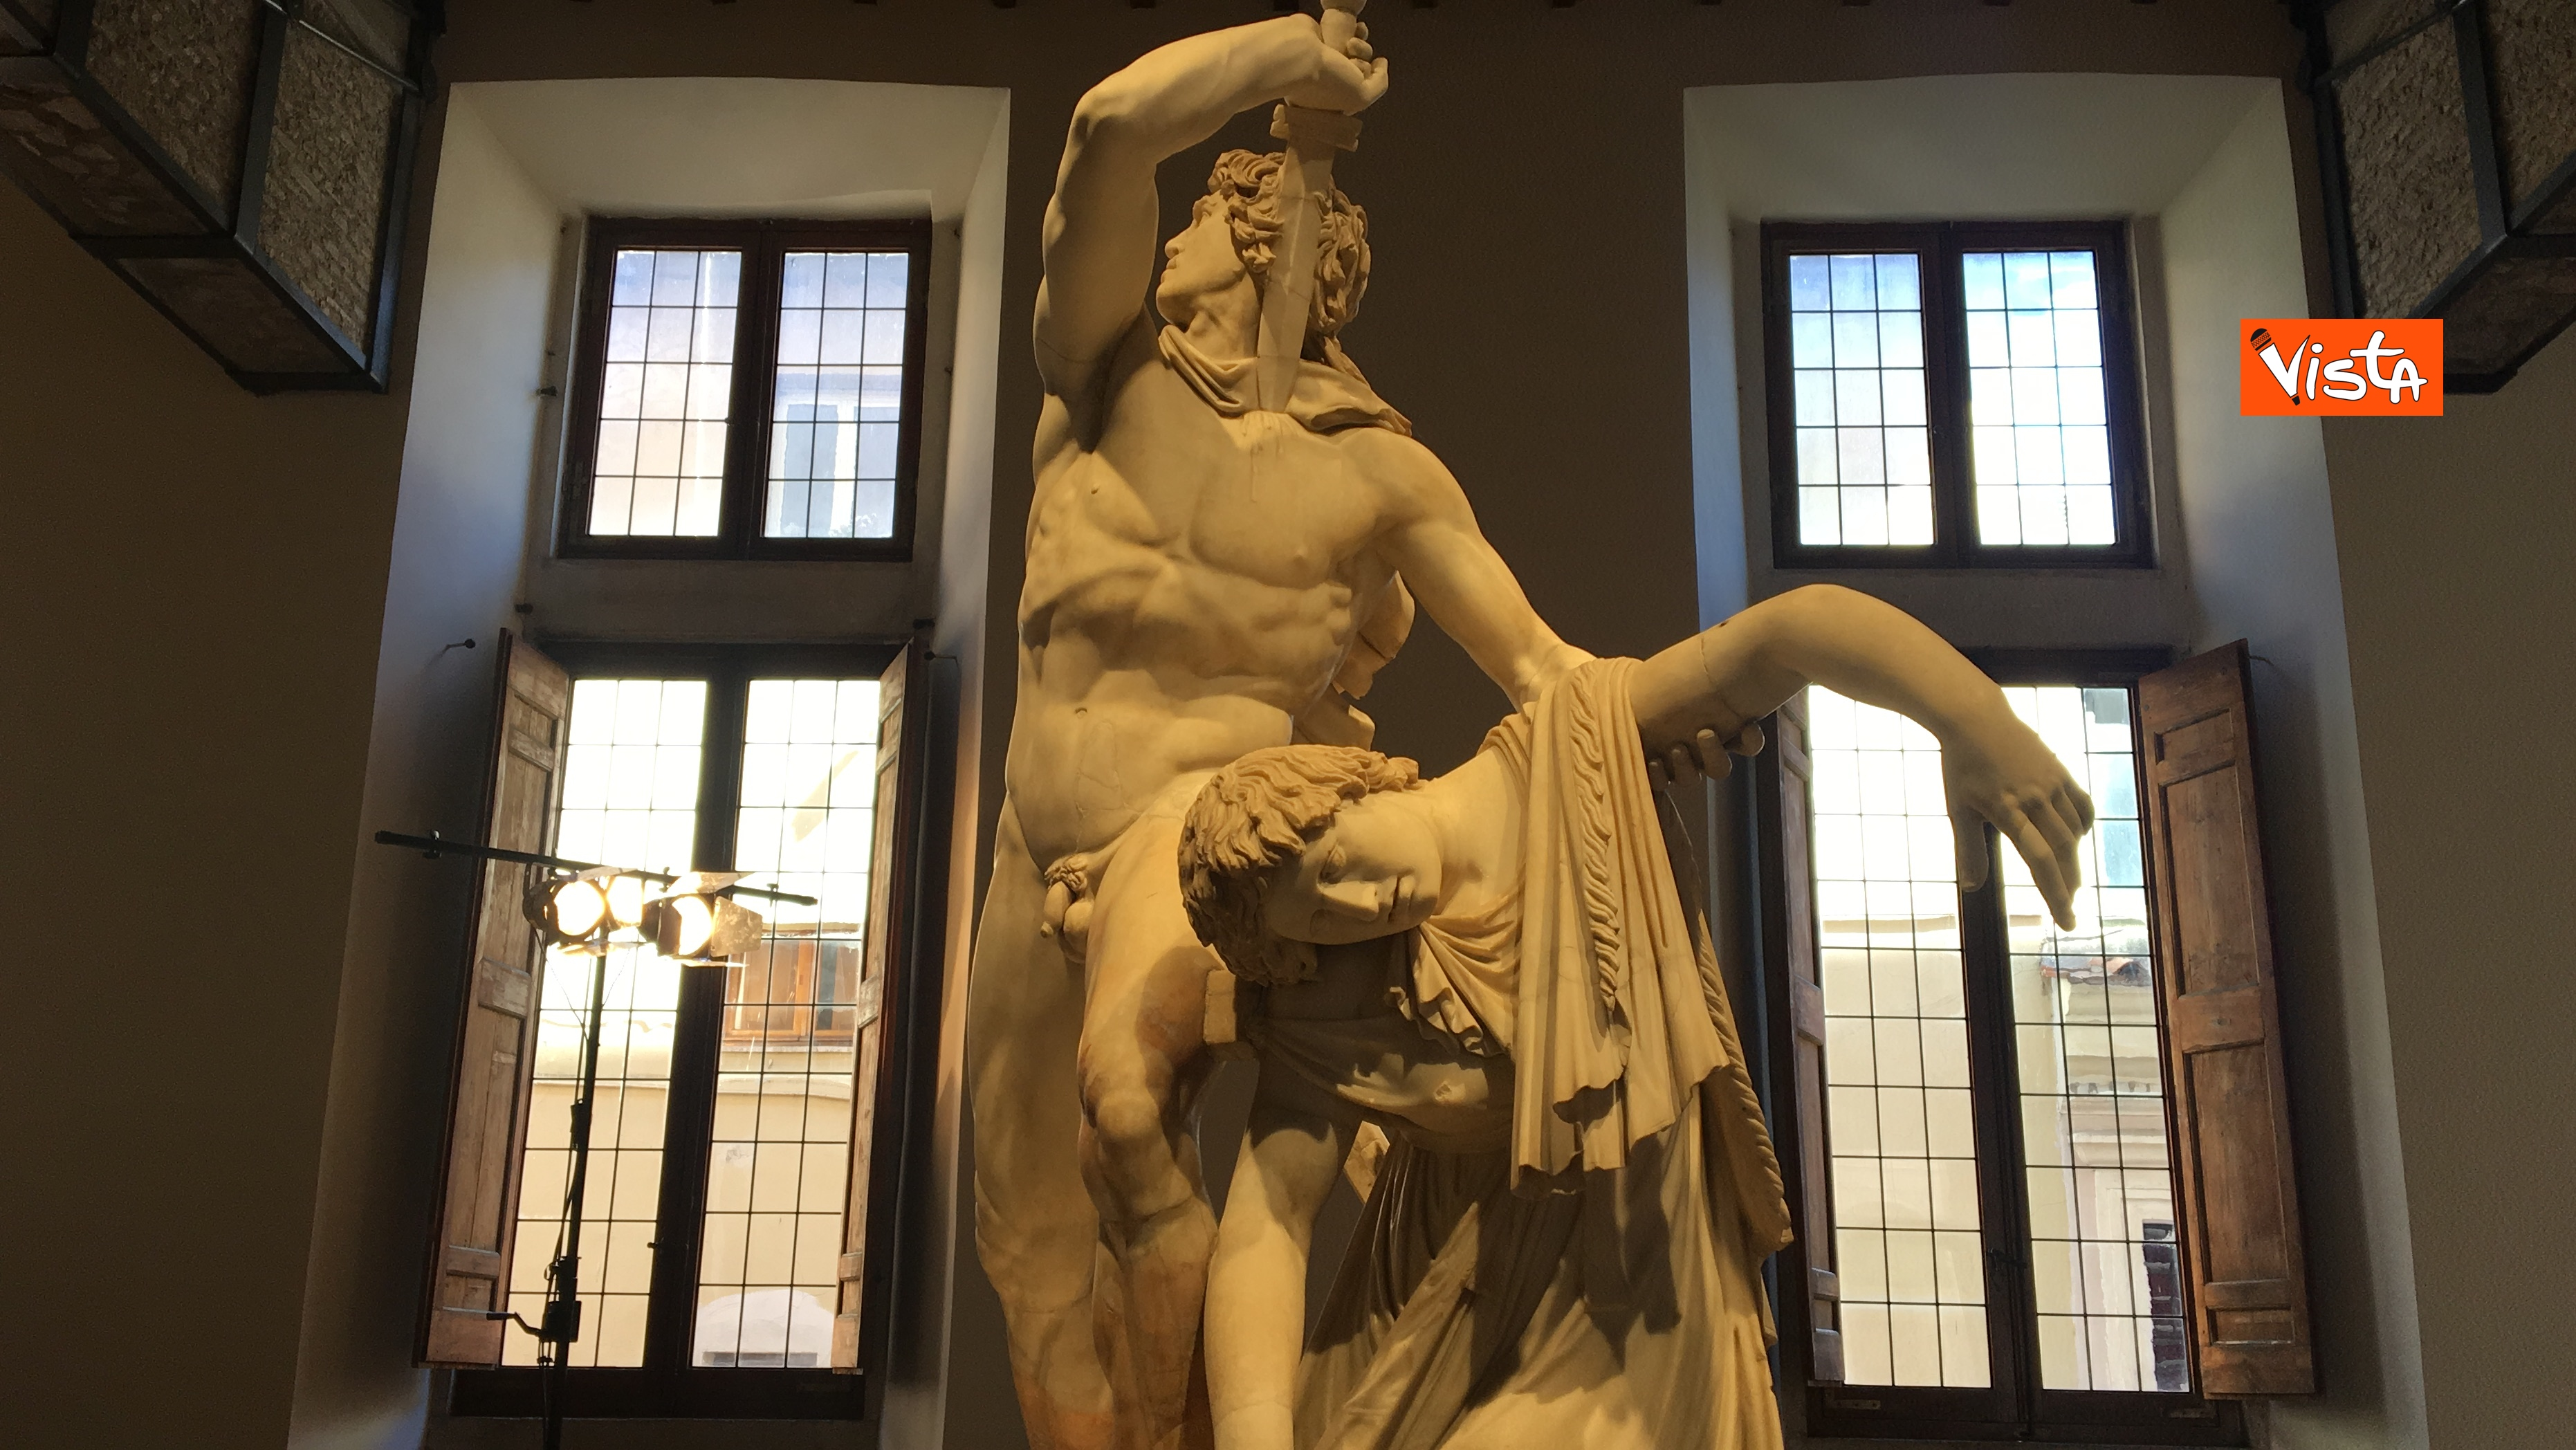 16-05-19 Museo per tutti la presentazione del progetto con Bonisoli a Palazzo Altemps_12